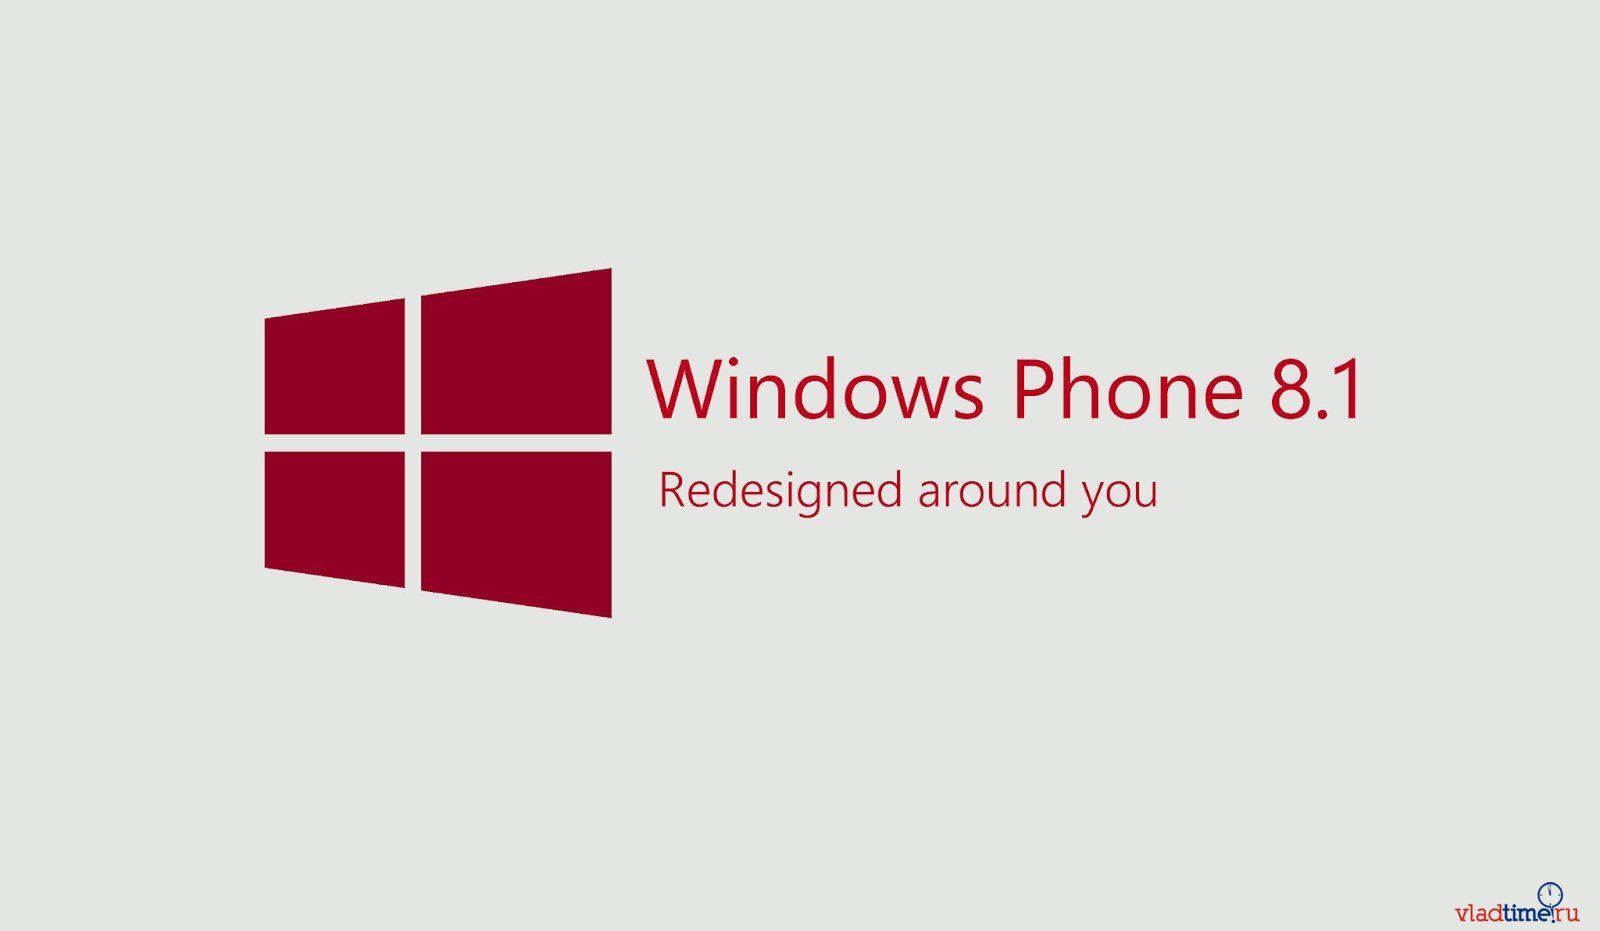 В конце лета должно выйти обновление -  Windows Phone 8.1